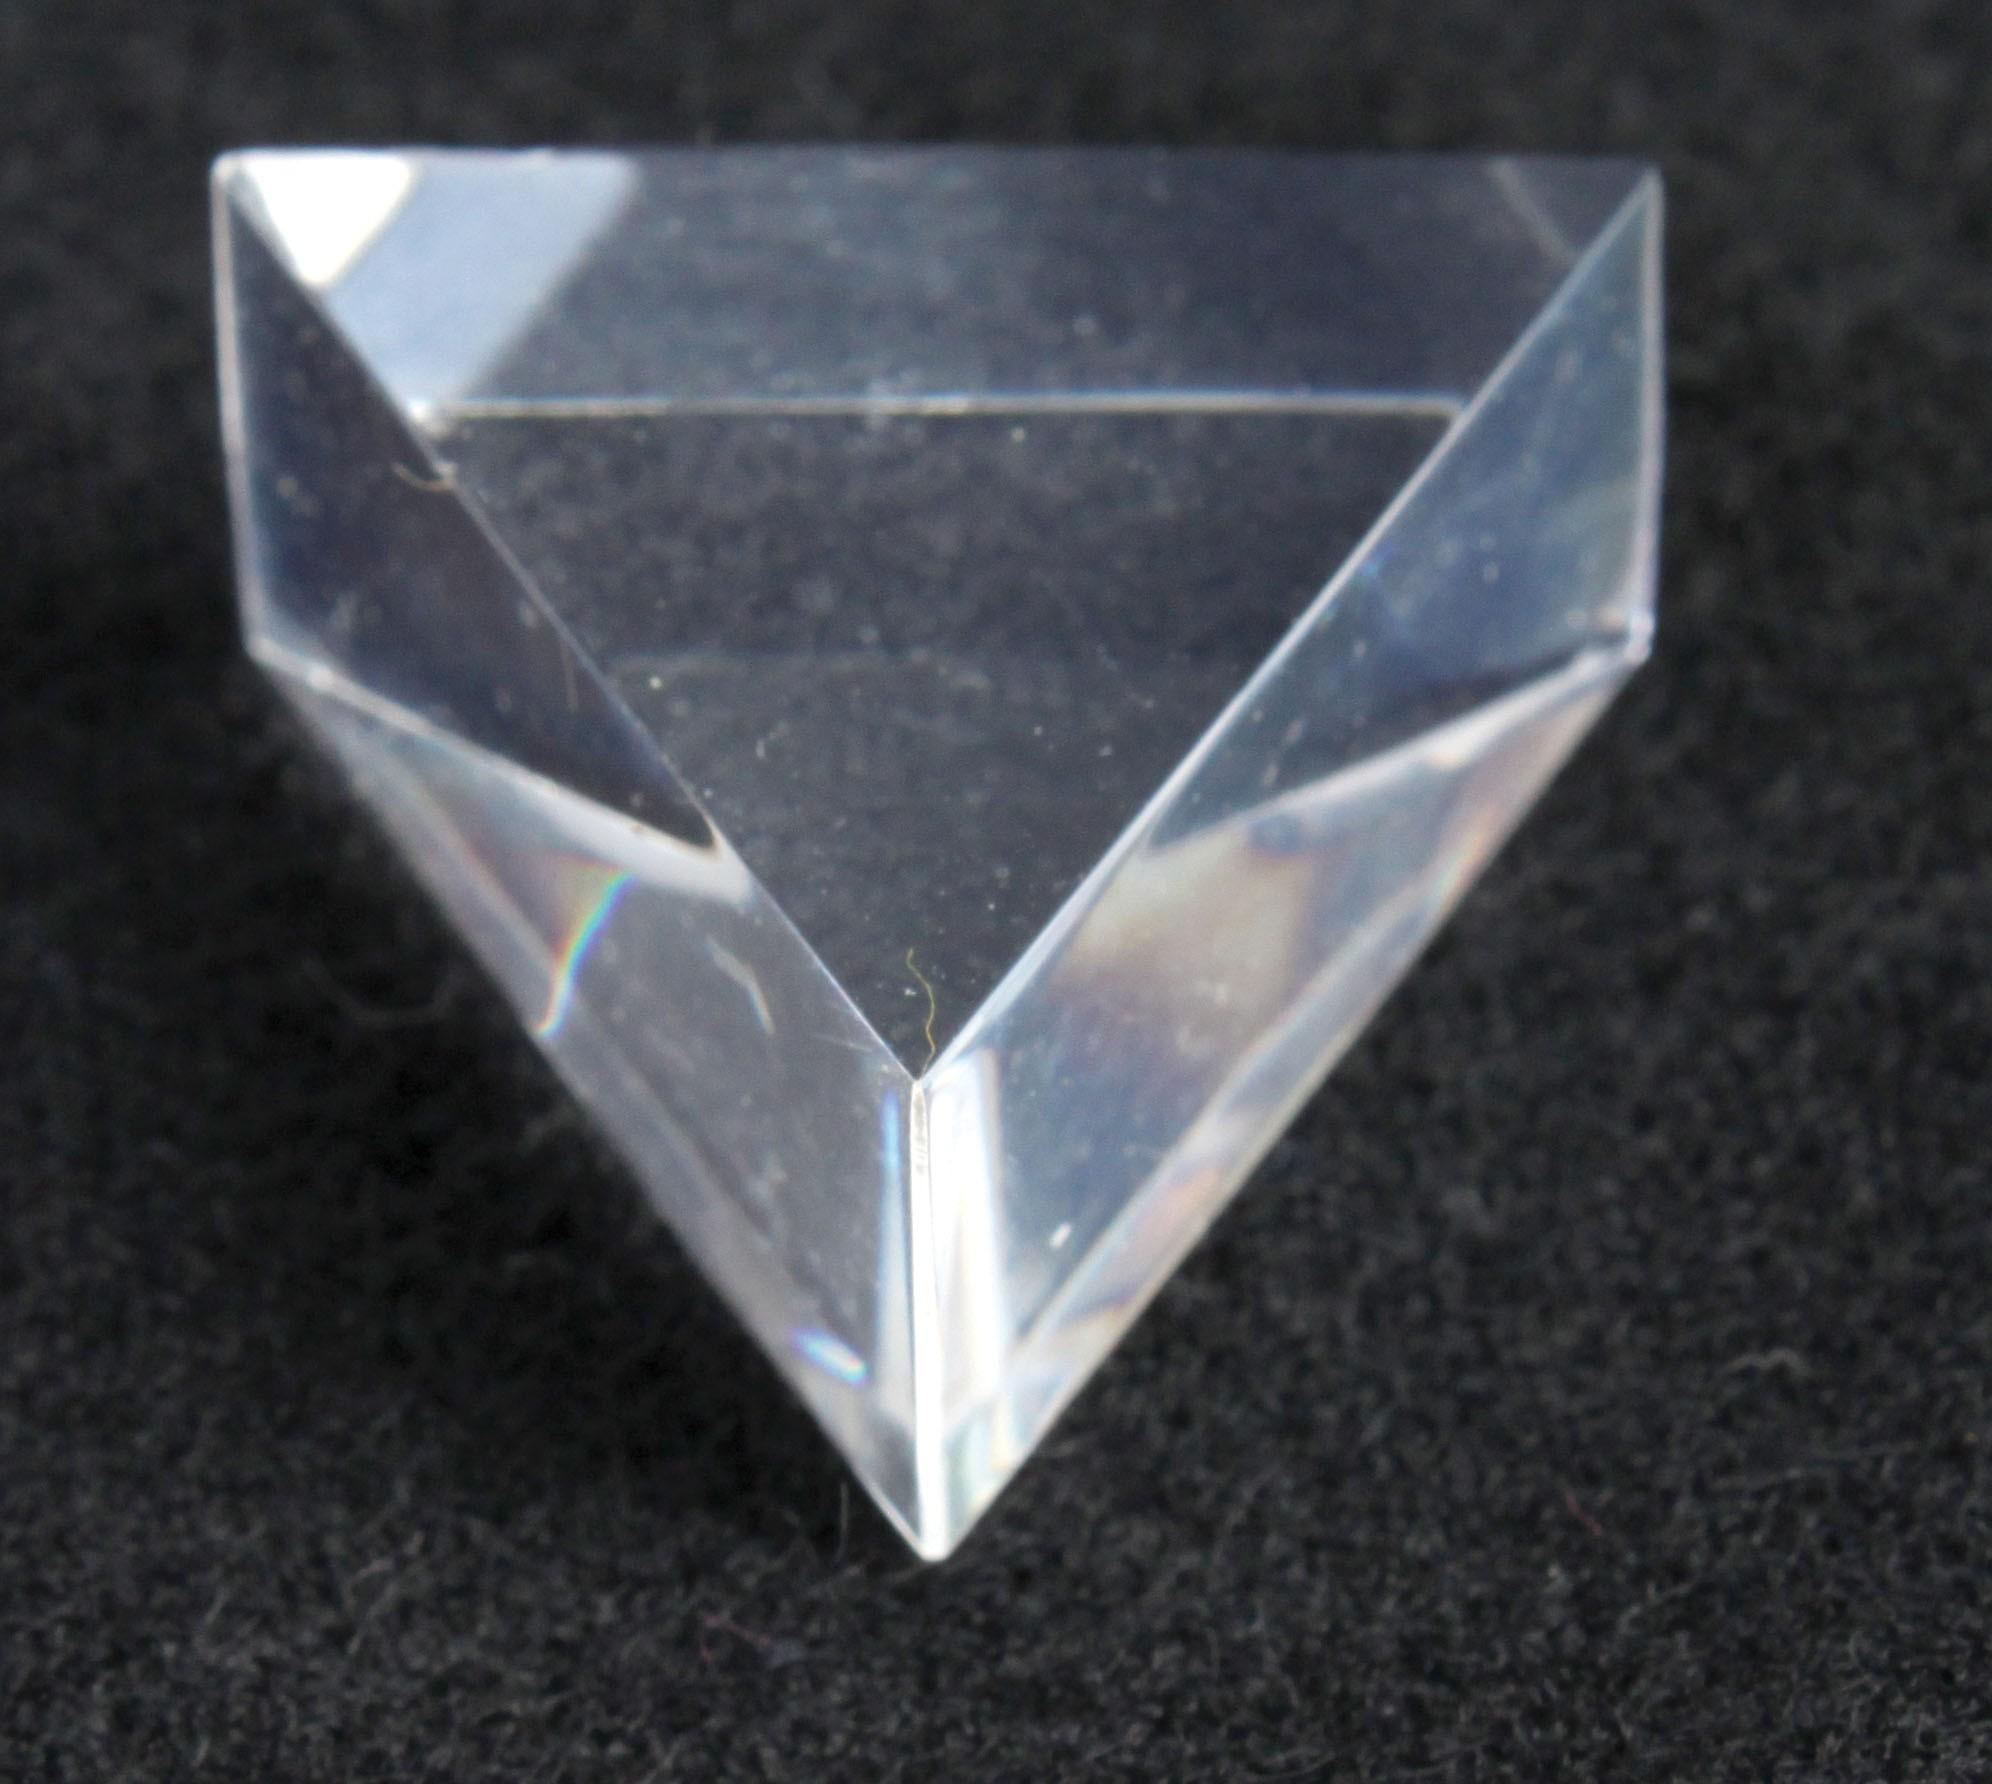 Christiaan Huygens' Prism